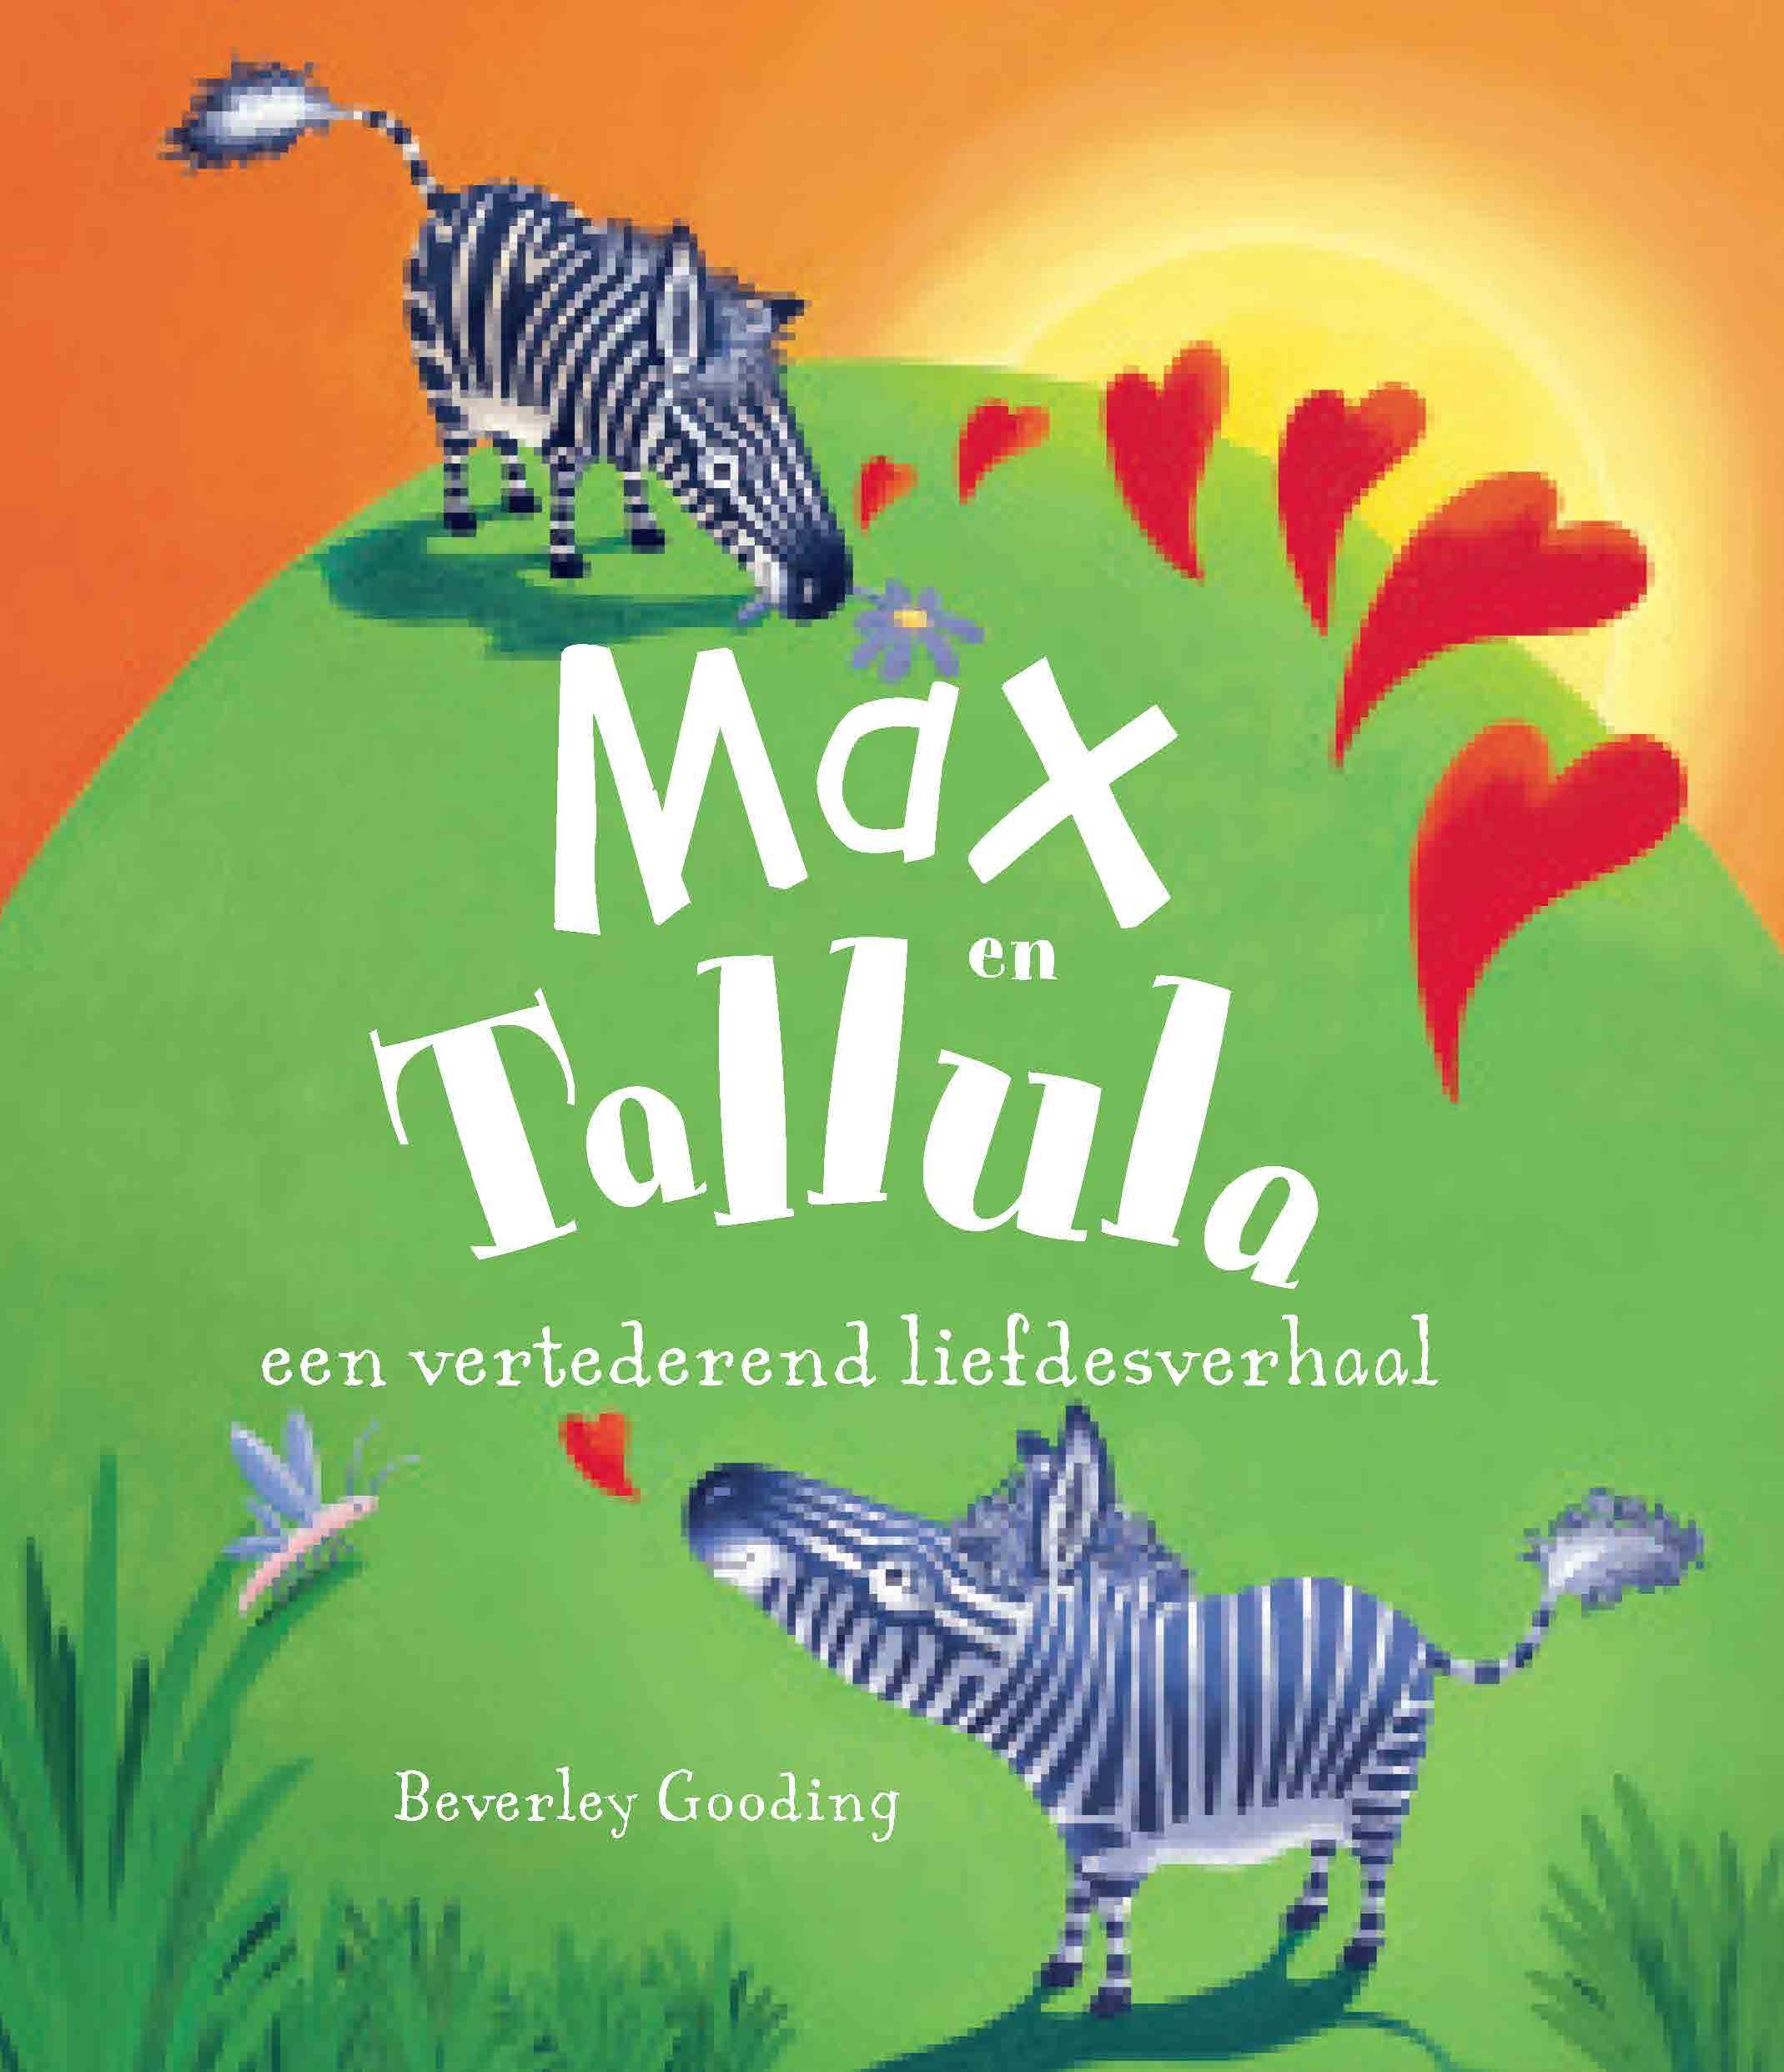 Max en Tallula